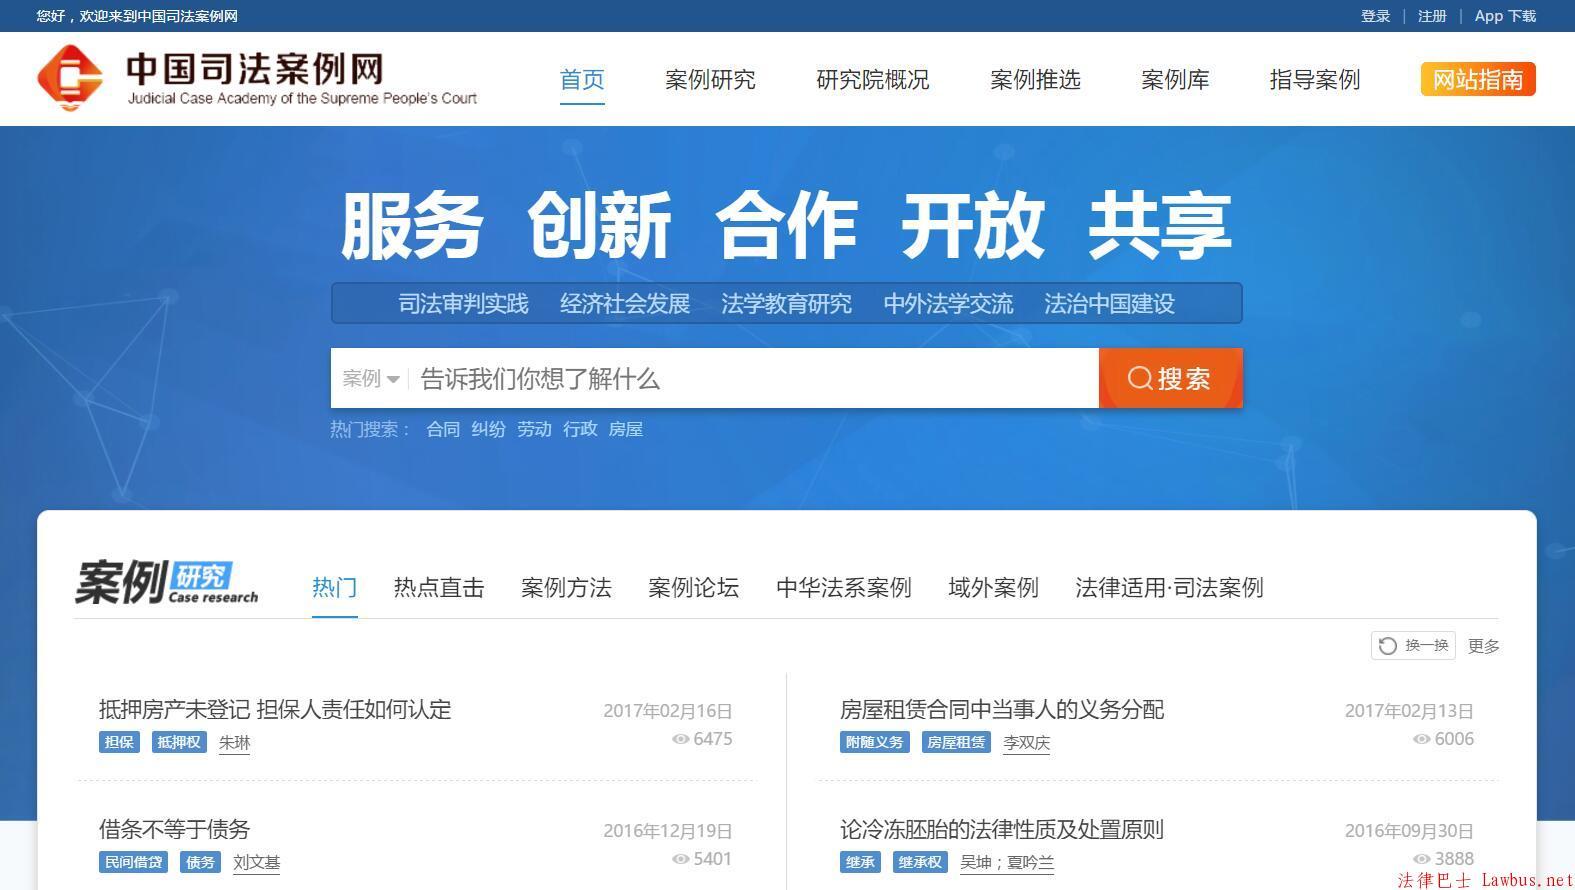 向全体法律人安利一个必上网站:中国司法案例网